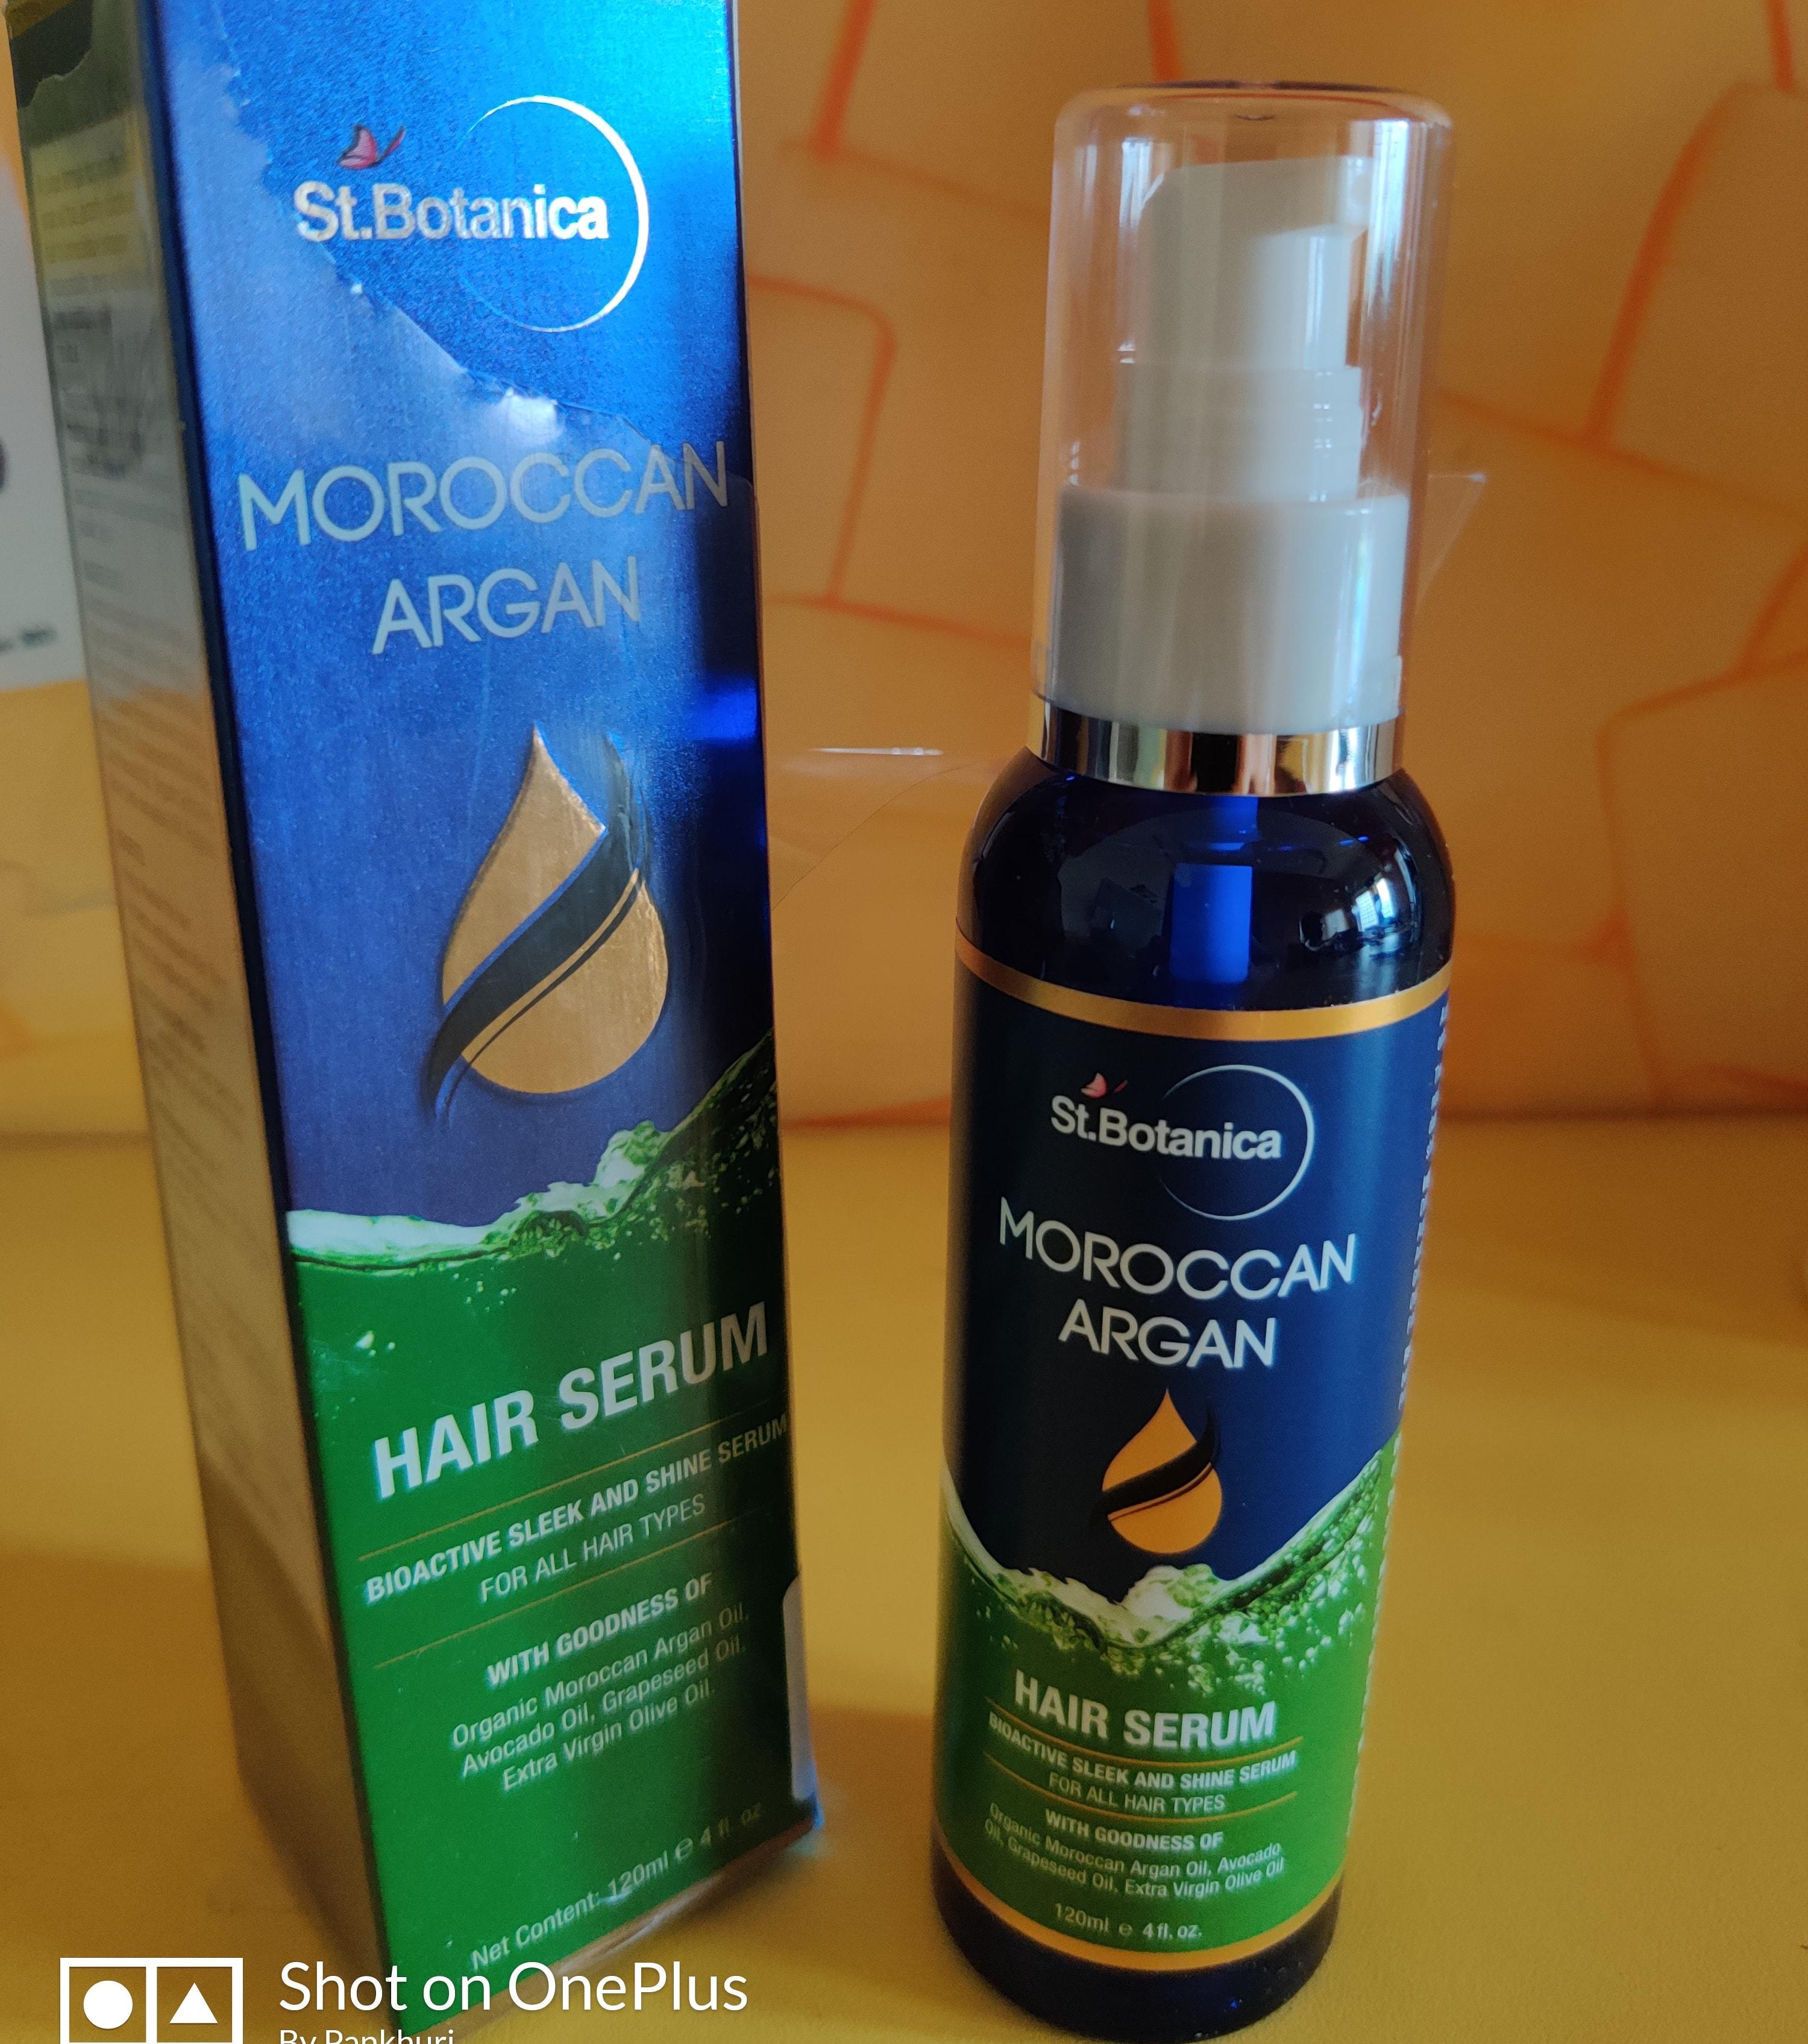 St.Botanica Moroccan Argan Hair Serum pic 1-Good for frizzy hair-By pankhuridhingra